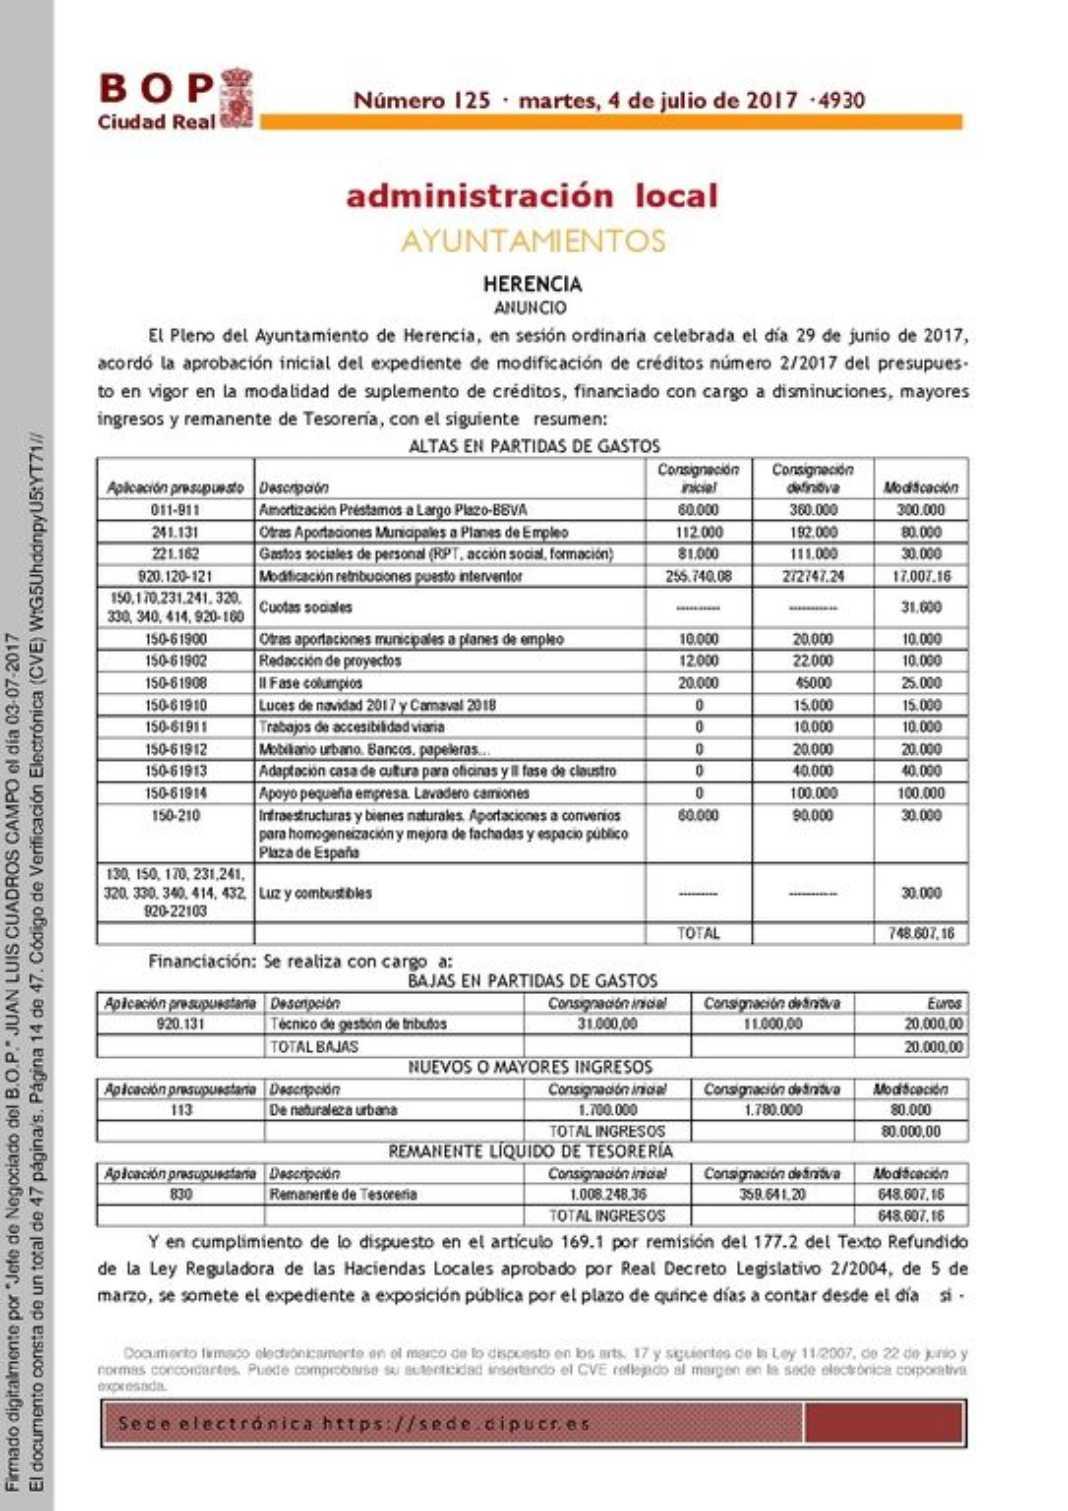 Modificación de créditos número 2/2017 del presupuesto en vigor 1